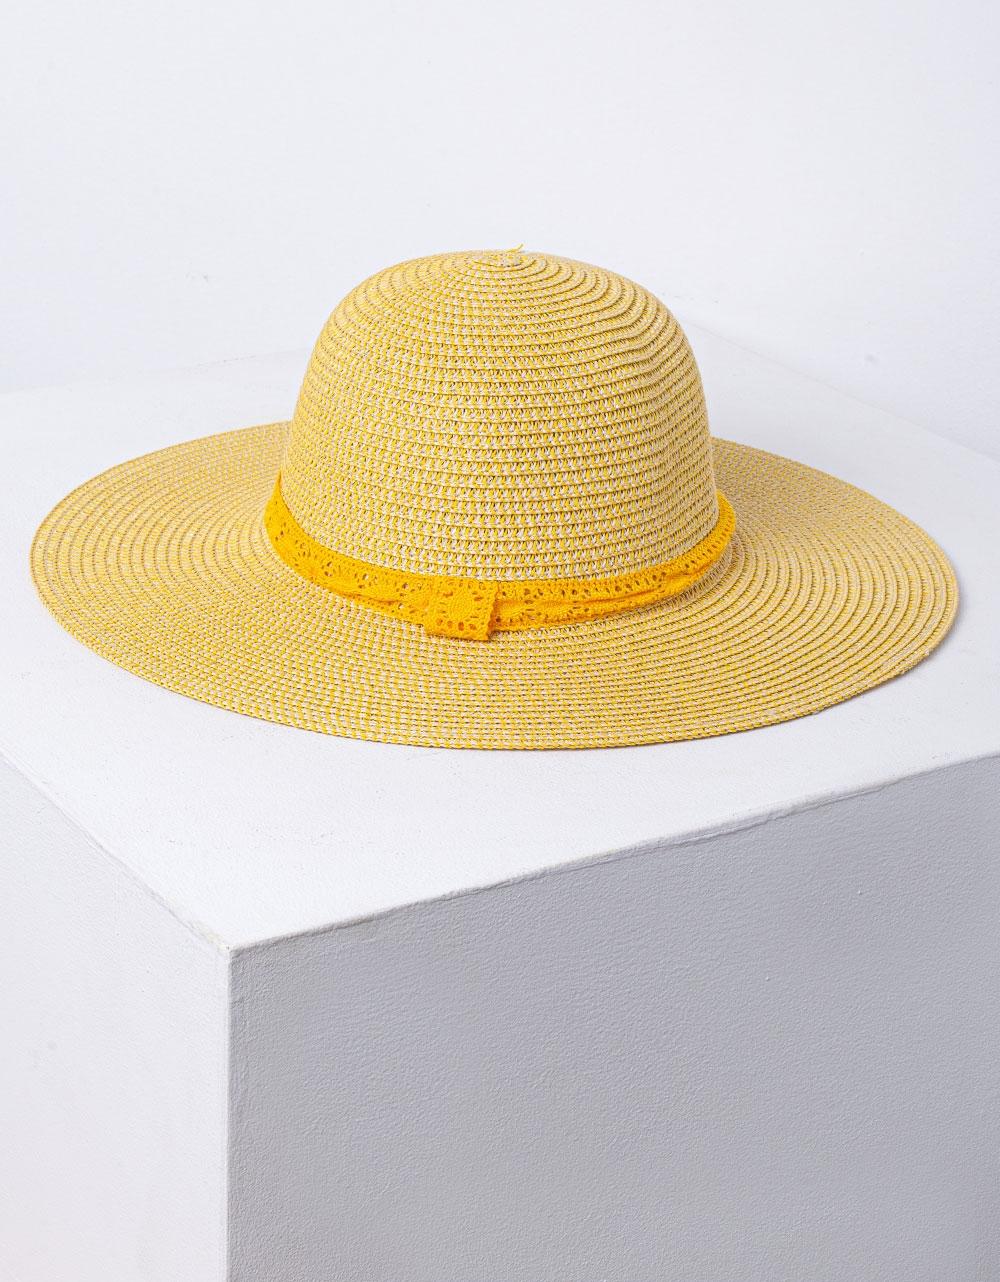 Εικόνα από Γυναικείο καπέλο ψάθινο Κίτρινο